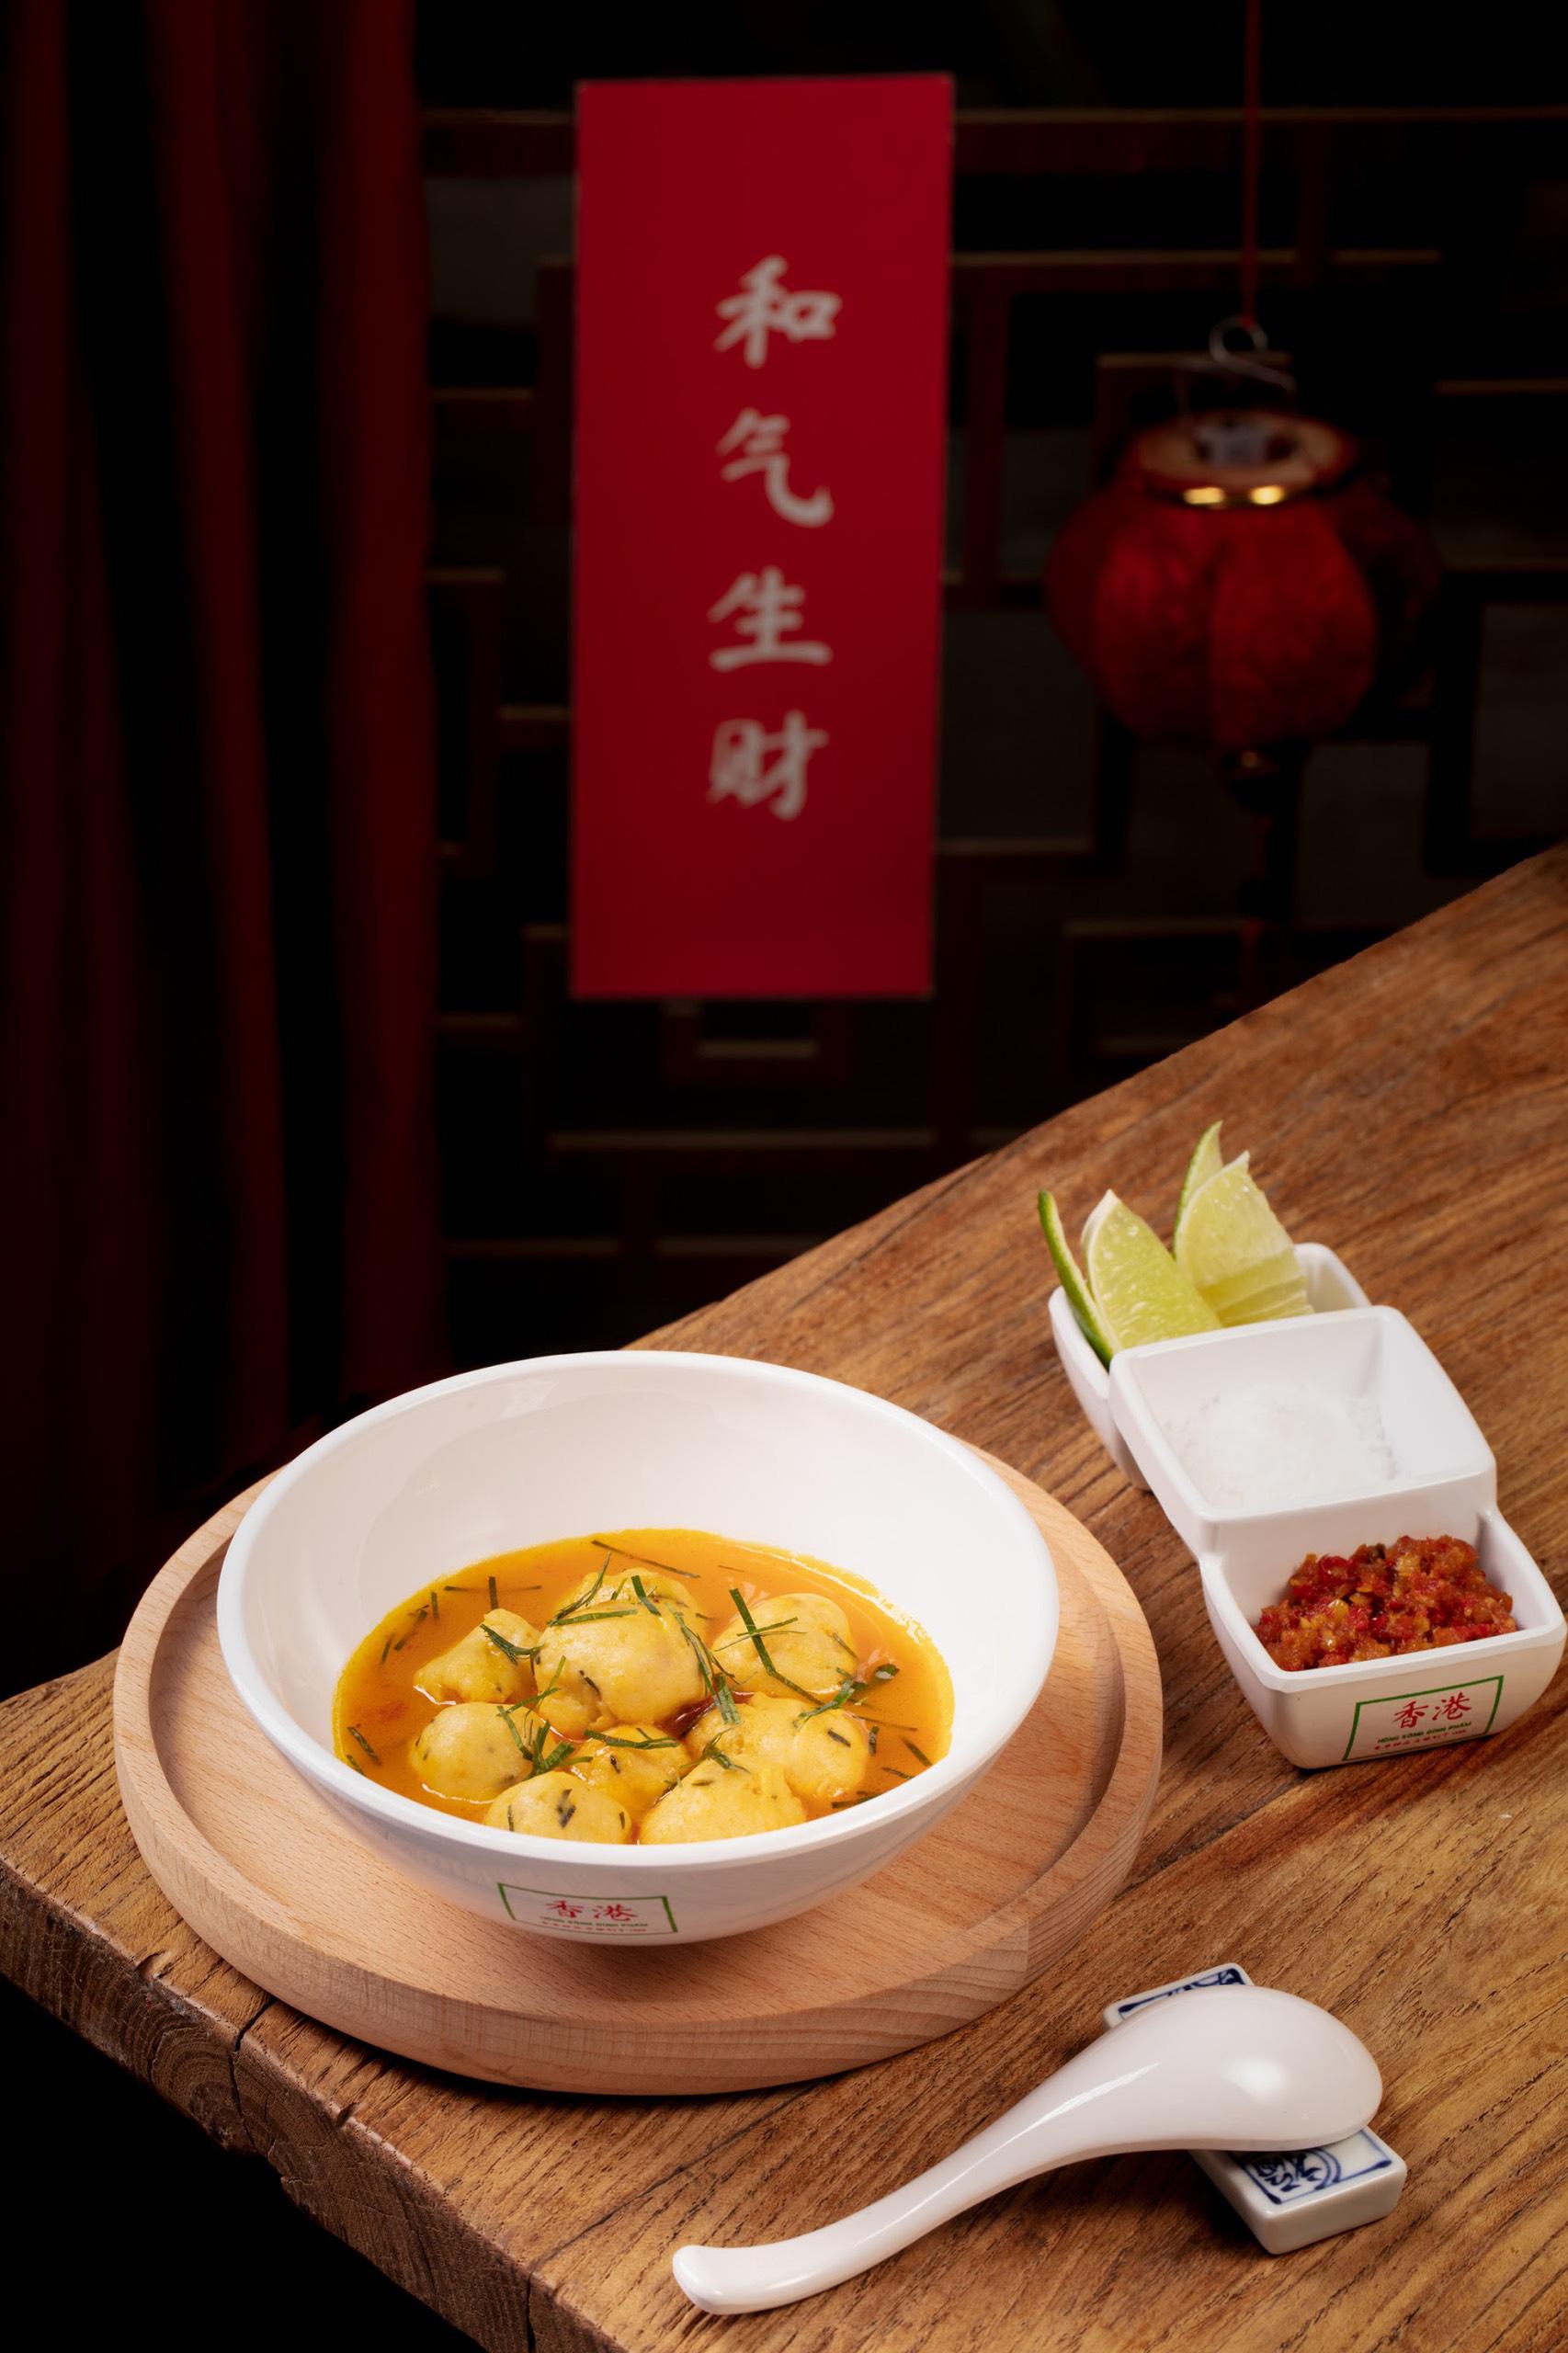 """Tới Sài Gòn chưa ăn thử mấy món này, coi như """"phí công checkin"""" - Ảnh 3."""